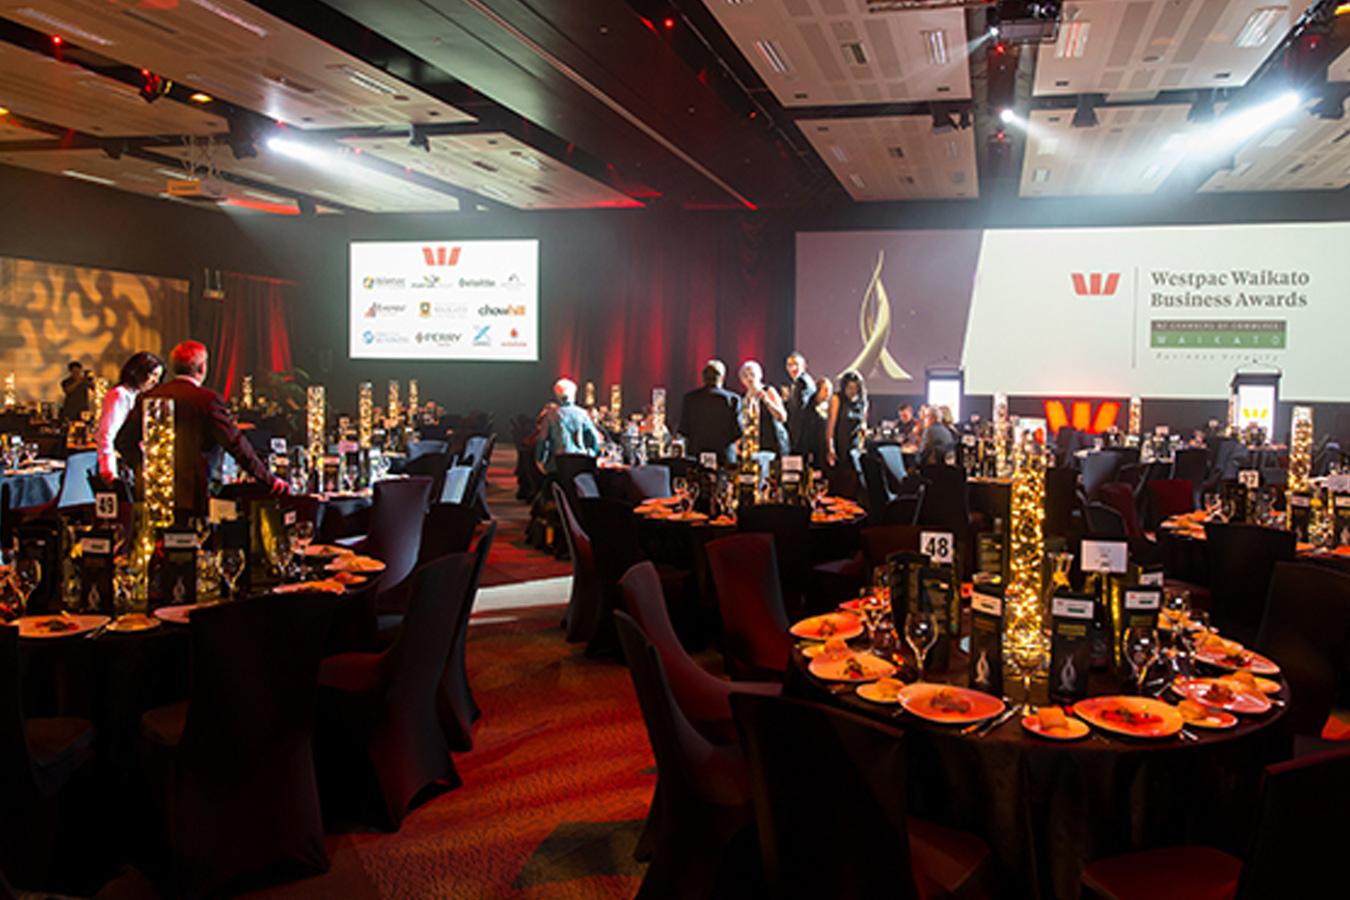 Westpac Waikato Business Awards